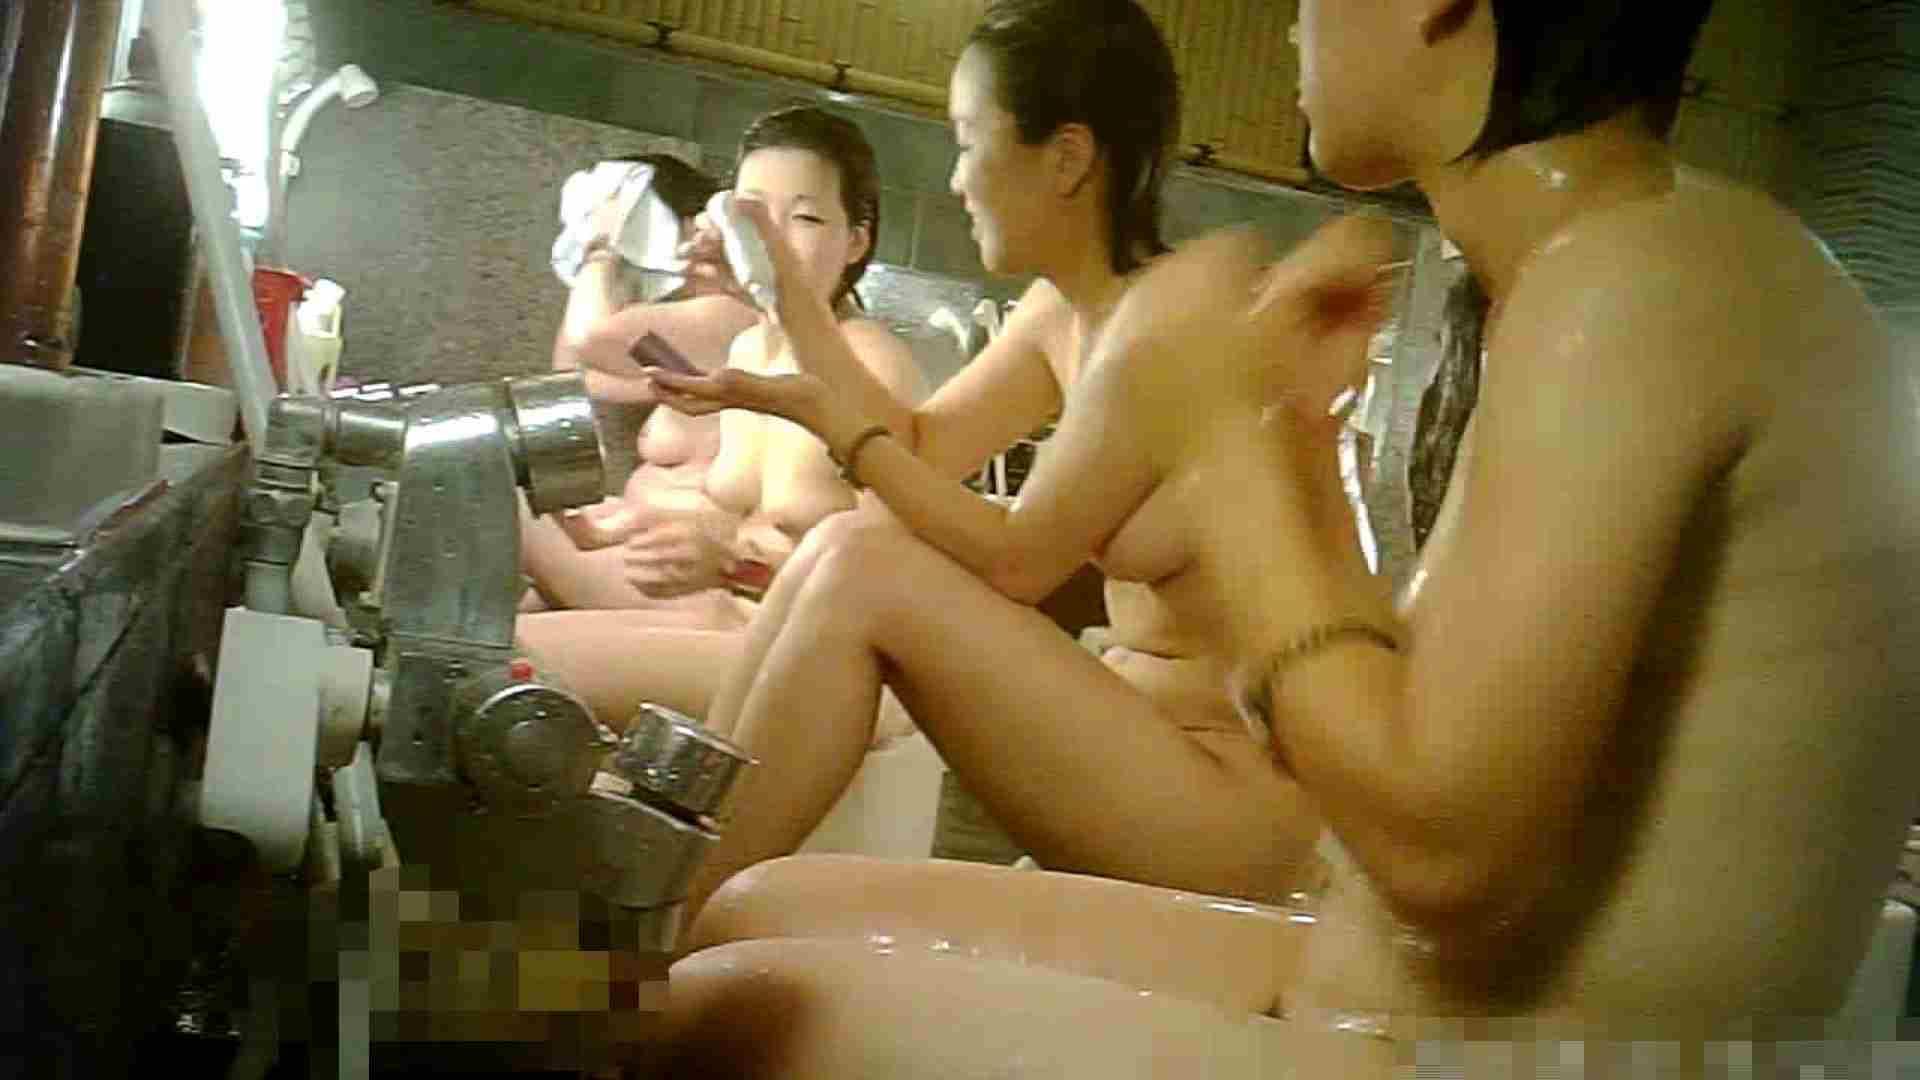 手を染めてしまった女性盗撮師の女風呂潜入記 vol.006 脱衣所 | 盗撮  30PICs 15